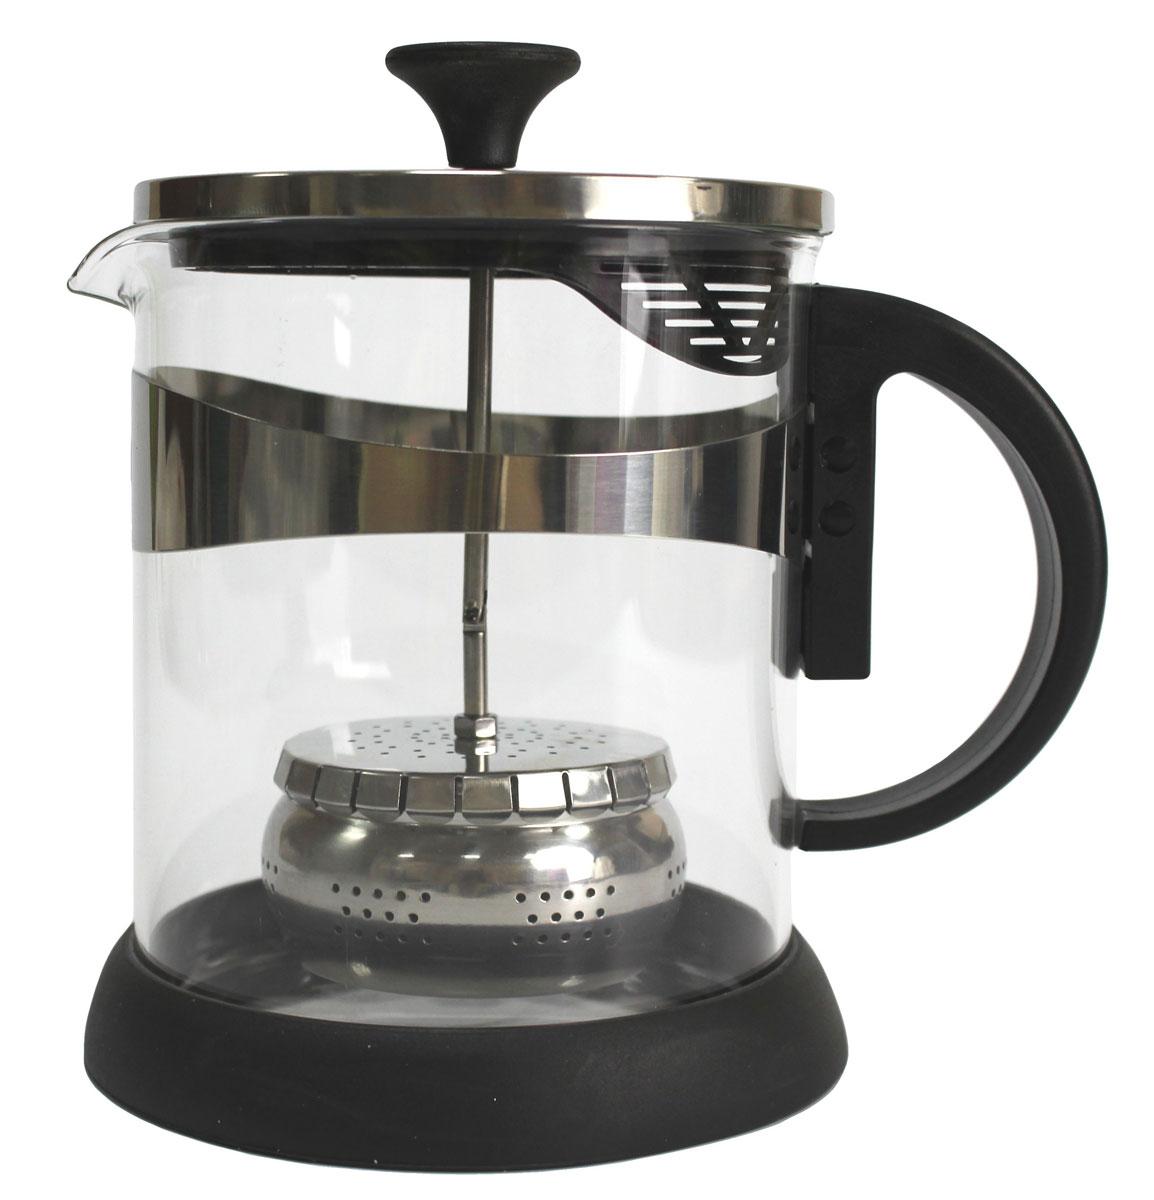 Чайник заварочный Vetta, 1,2 лVT-1520(SR)Заварочный чайник Vetta, изготовленный из термостойкого стекла и полипропилена, предоставит вам все необходимые возможности для успешного заваривания чая. Чай в таком чайнике дольше остается горячим, а полезные и ароматические вещества полностью сохраняются в напитке. Чайник оснащен фильтром, который выполнен из нержавеющей стали. Простой и удобный чайник поможет вам приготовить крепкий, ароматный чай.